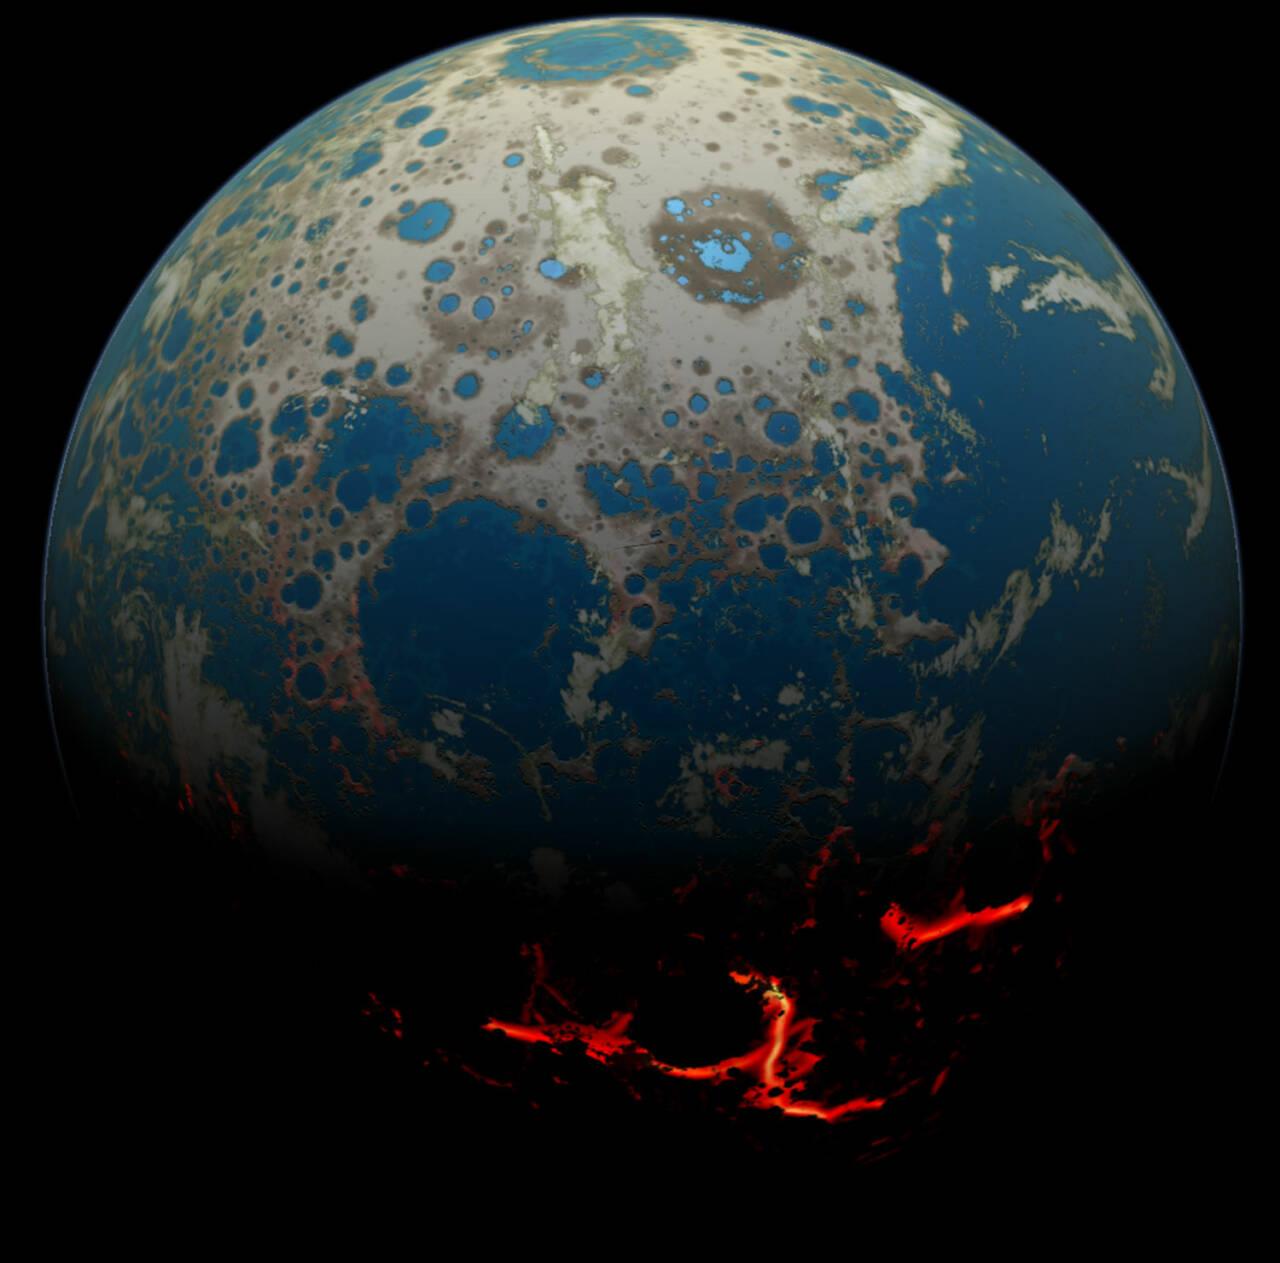 Земля имела атмосферу Марса — и поэтому не станет Венерой